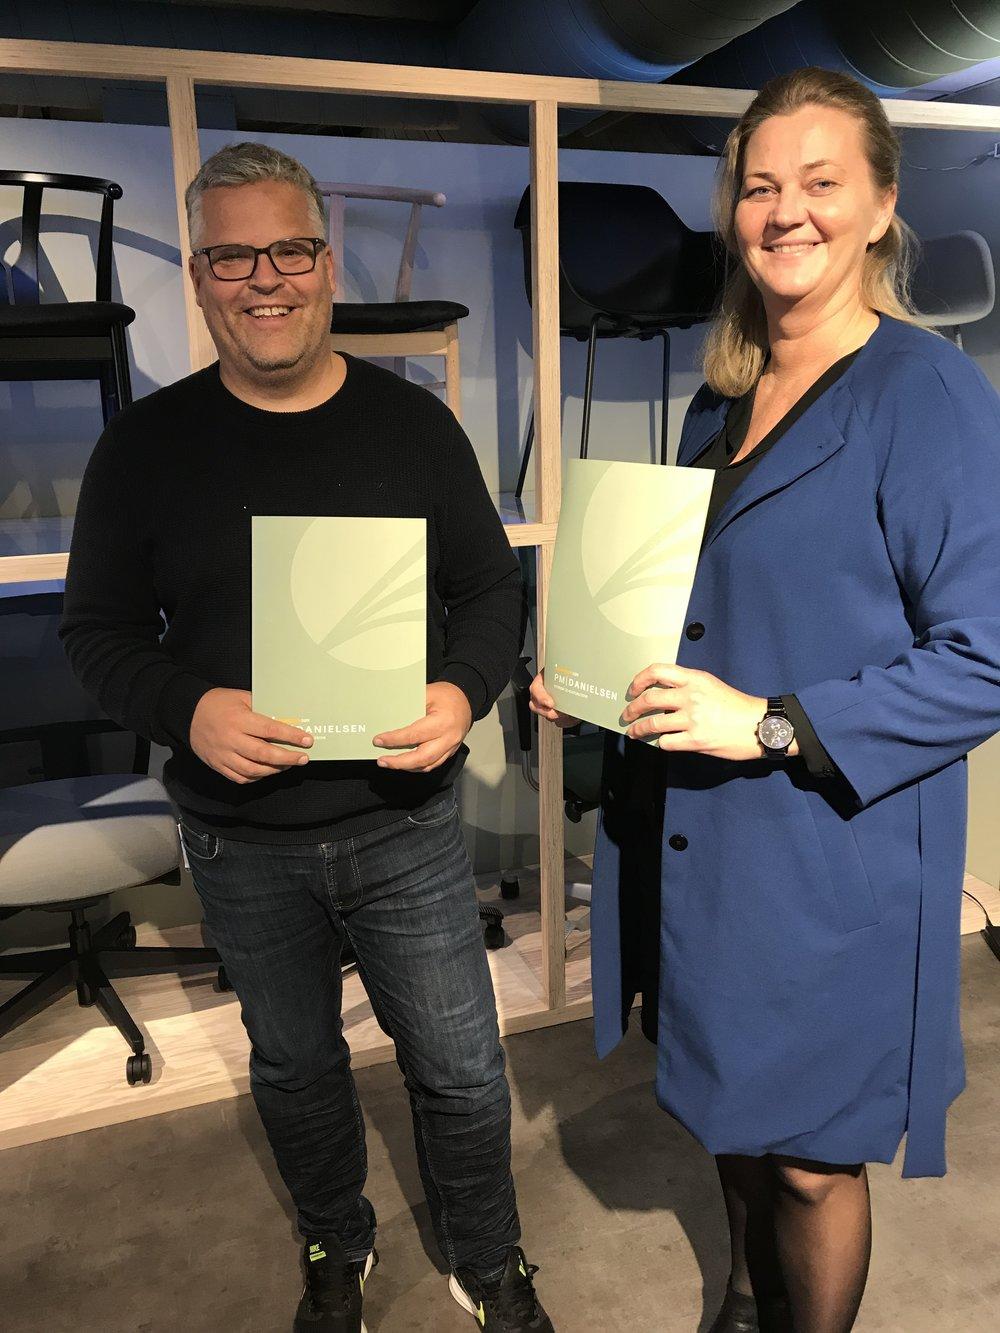 Ingvar Ludvigsen og Ragne Evensen smiler bredt etter at samarbeidsavtalen mellom Sørlandets Travpark og PM Danielsen Interiør og Kontorutstyr AS ble forlenget. Foto: Richard Ekhaugen.